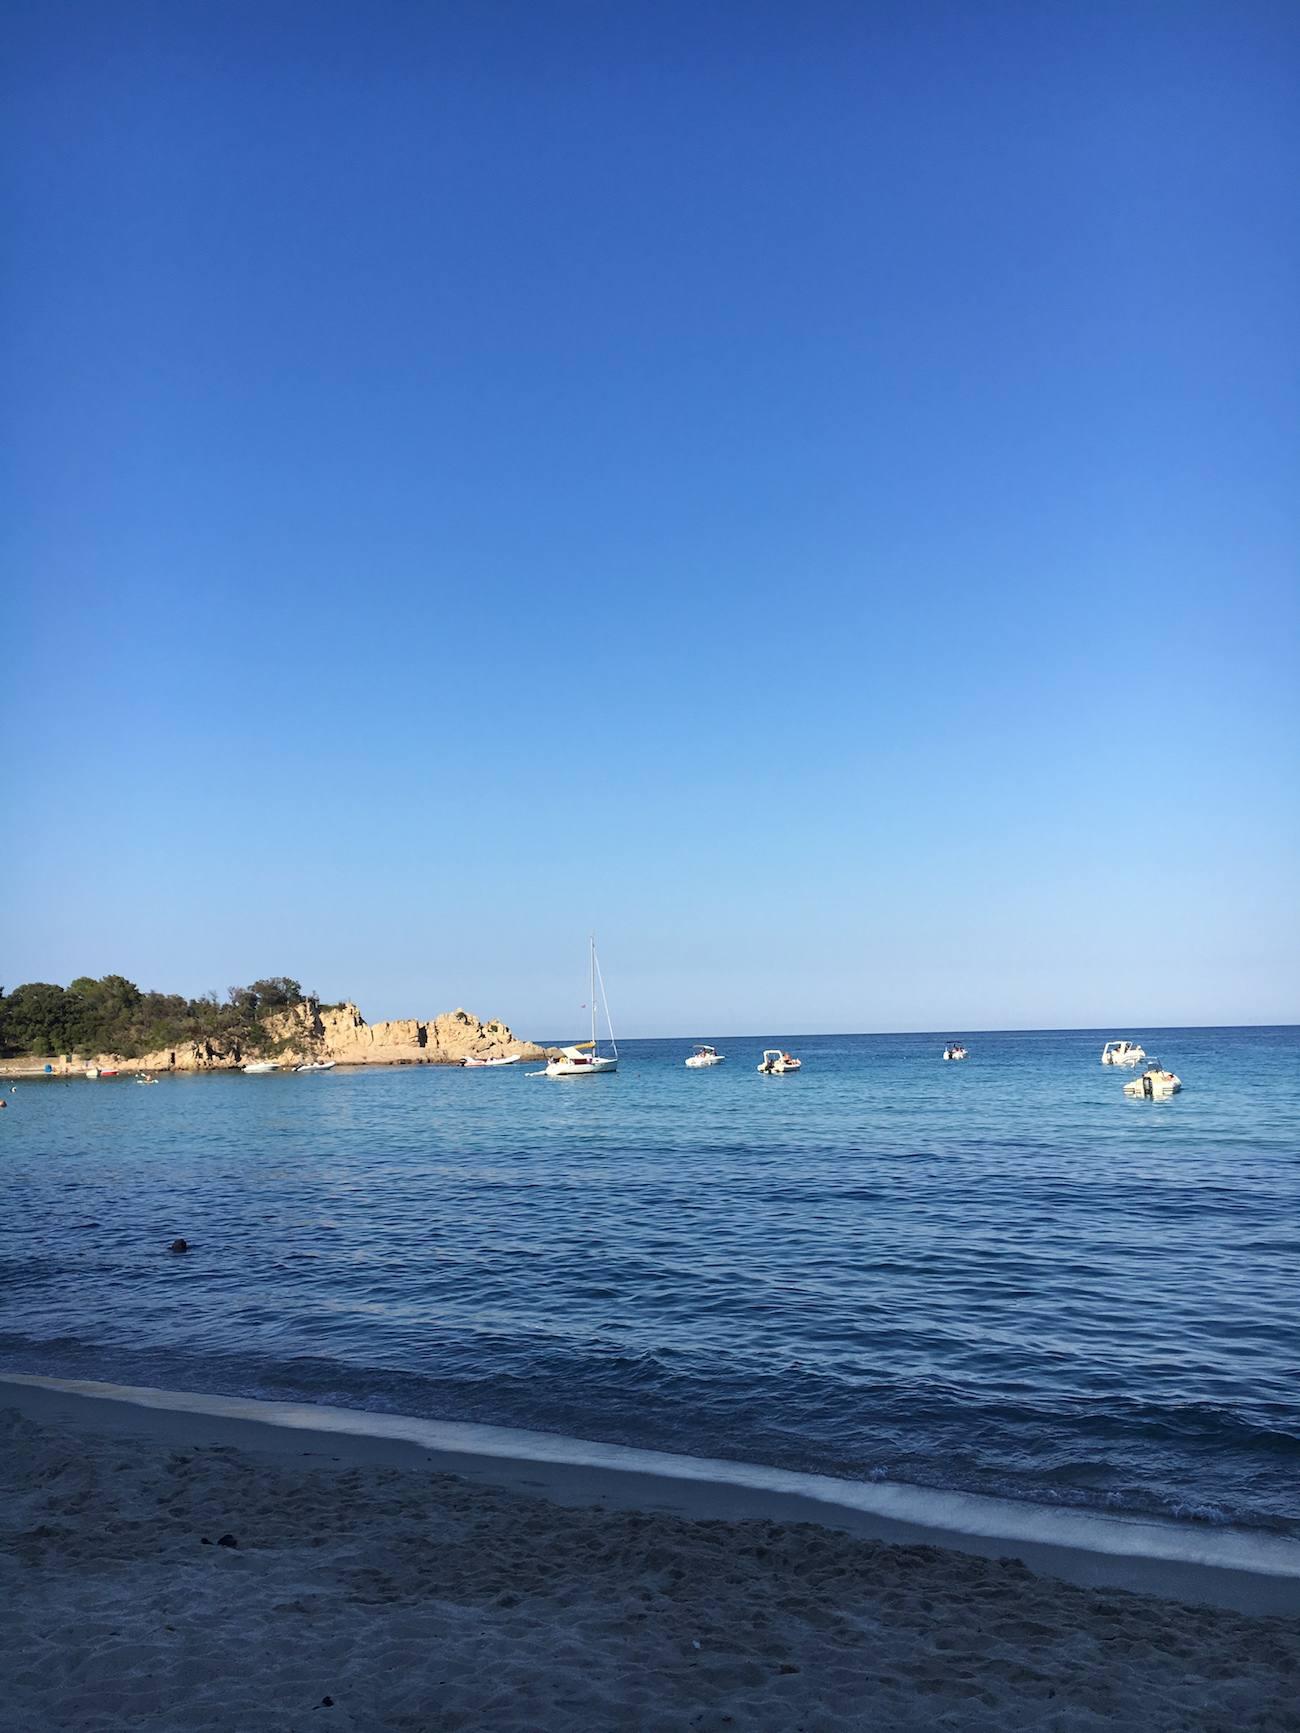 Corse - Road trip bonnes adresses - Blog Voyage nantes 18